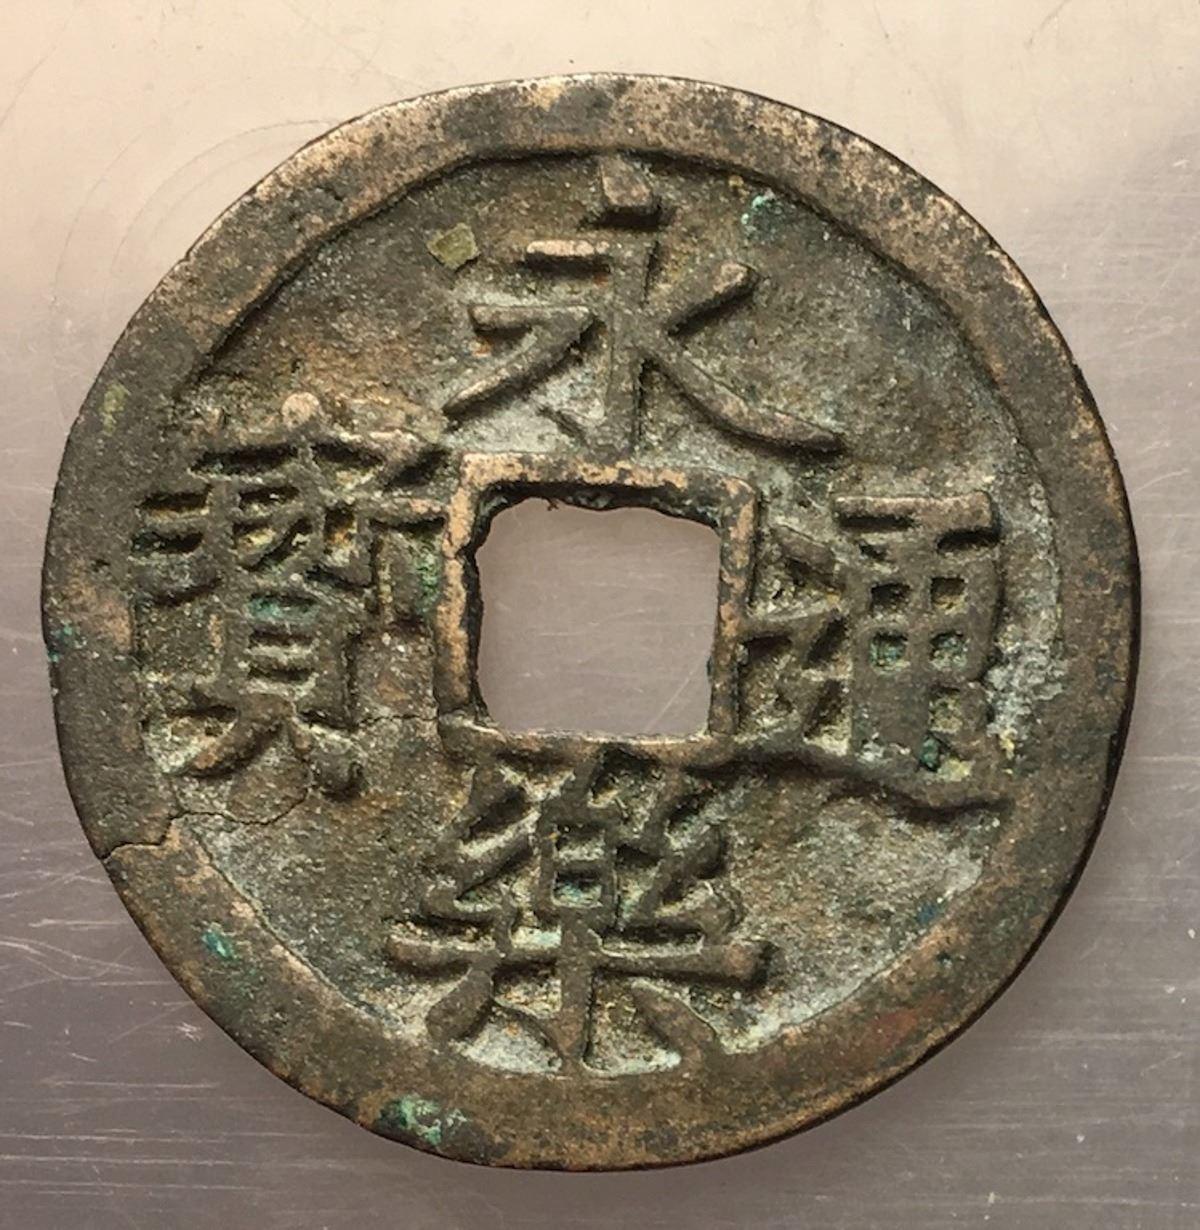 -Ming Dynasty A Yong Le Tong Bao Coin 1403-1424